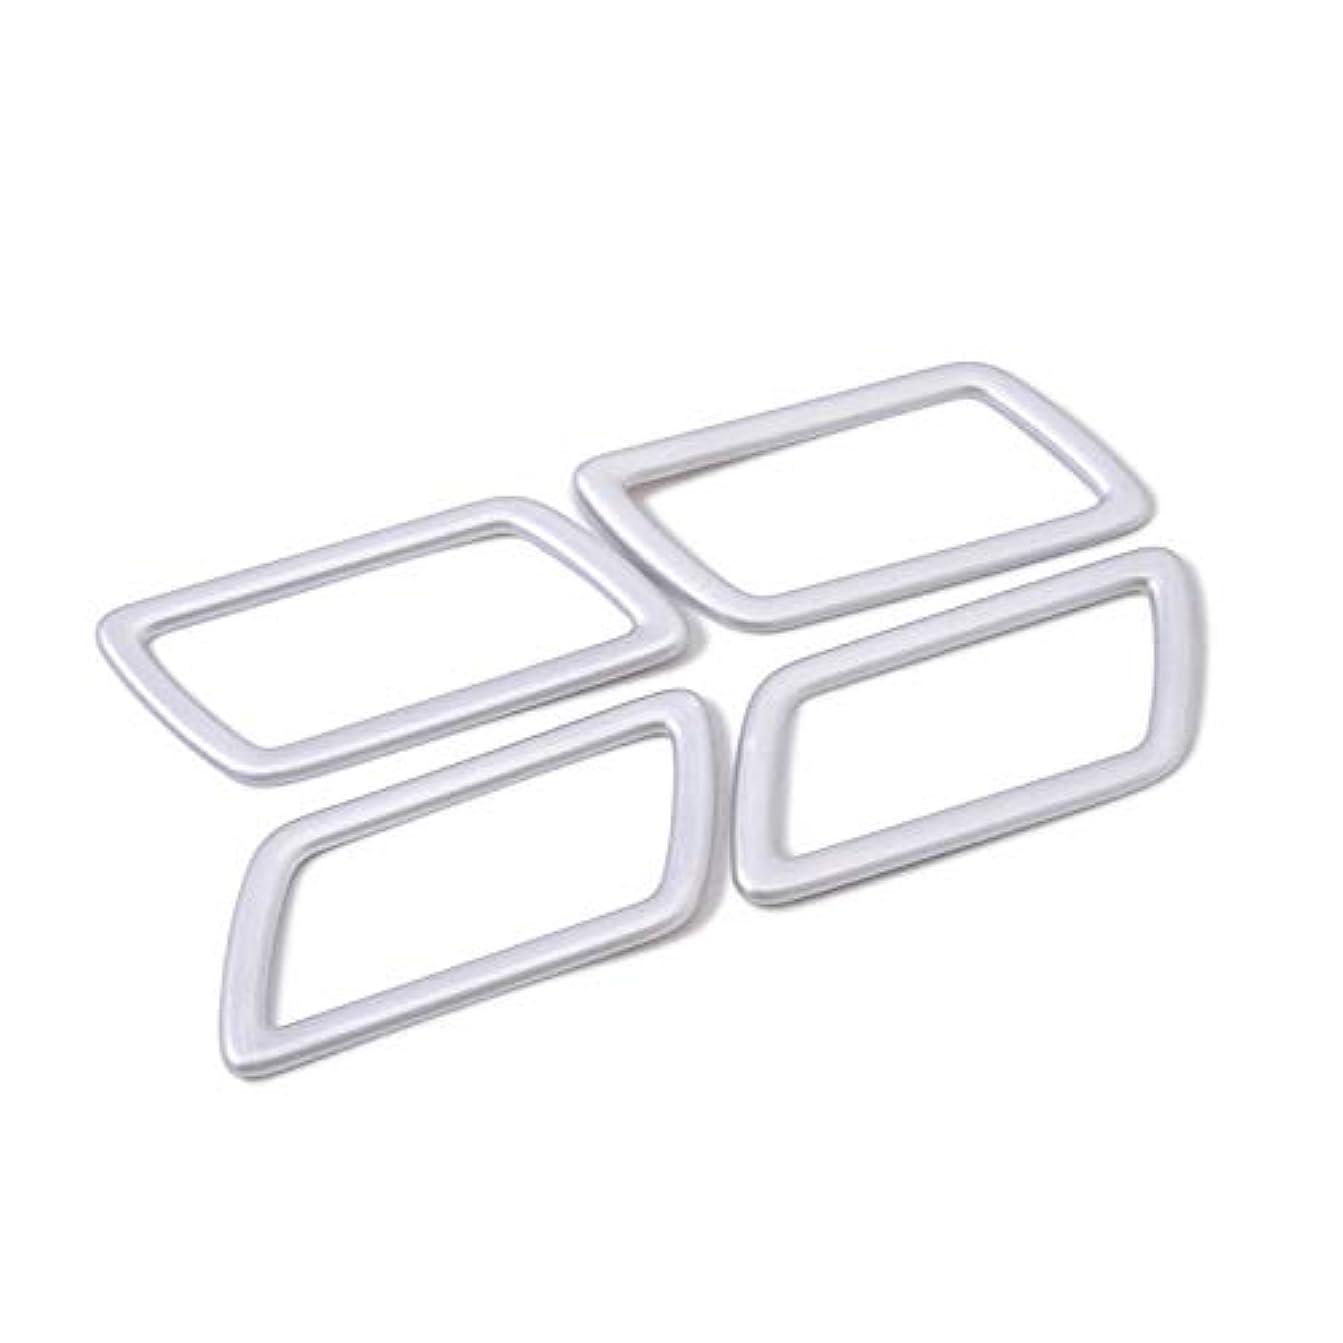 小屋ポーク拳Jicorzo - Car Interior Door Handle Cover Trim Sticker Armrest Storage Box Panel Fit for Chevrolet Equinox 2018 Car Accessories Styling